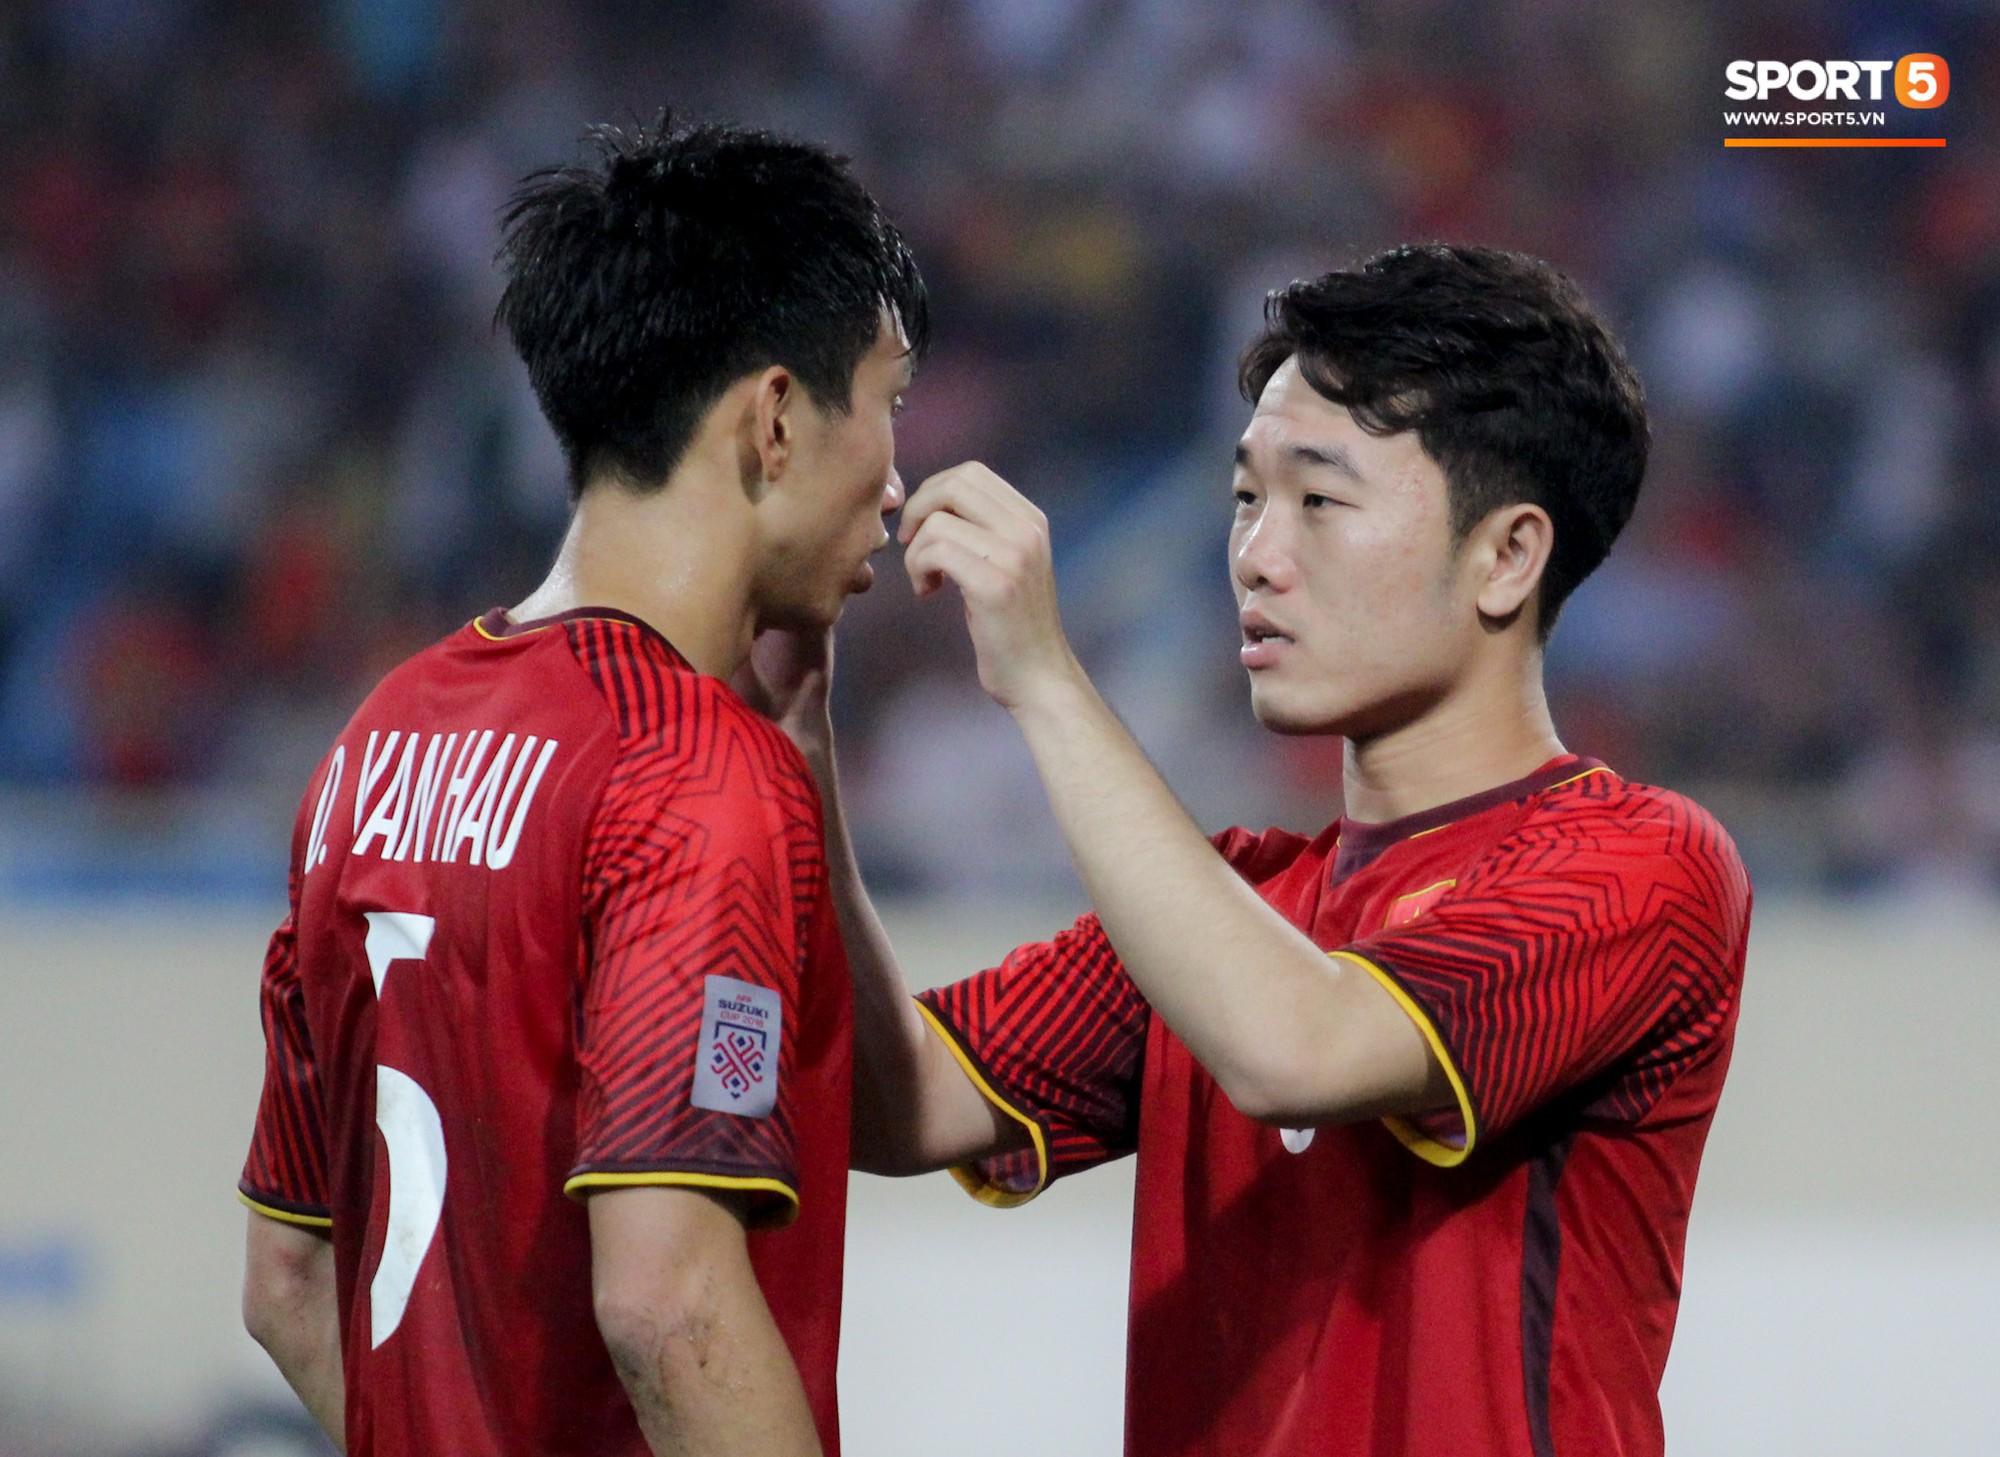 AFF Cup 2018 đã kết thúc, Việt Nam đã chiến thắng, và 10 khoảnh khắc đẹp nhất sẽ mãi lưu trong lòng người Việt-7